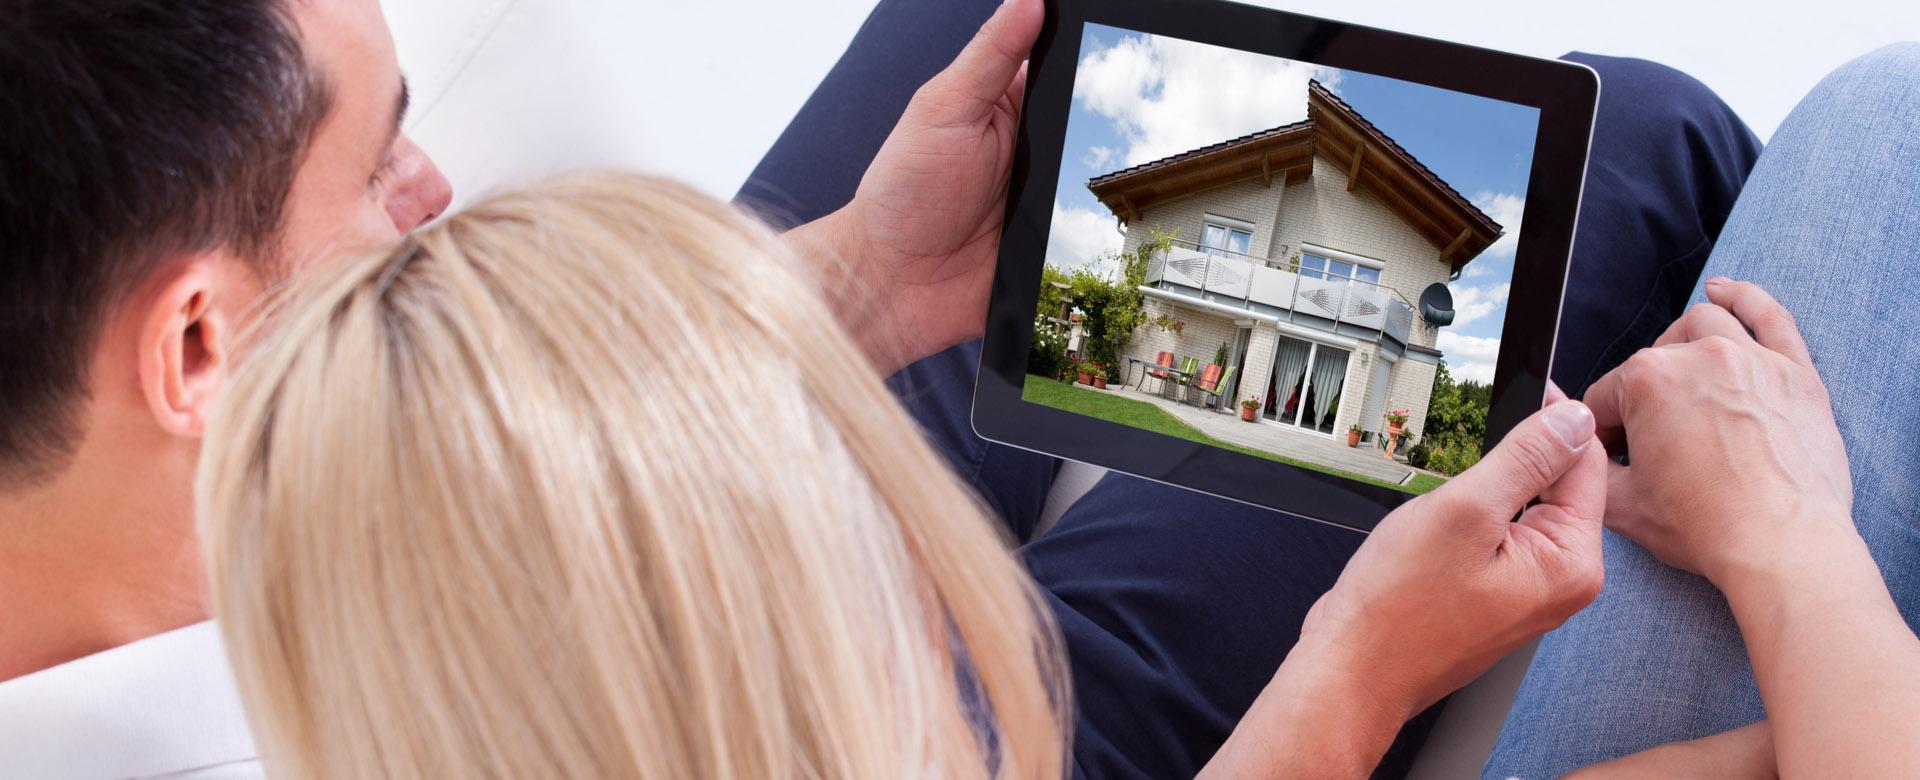 Doorway Home Loans